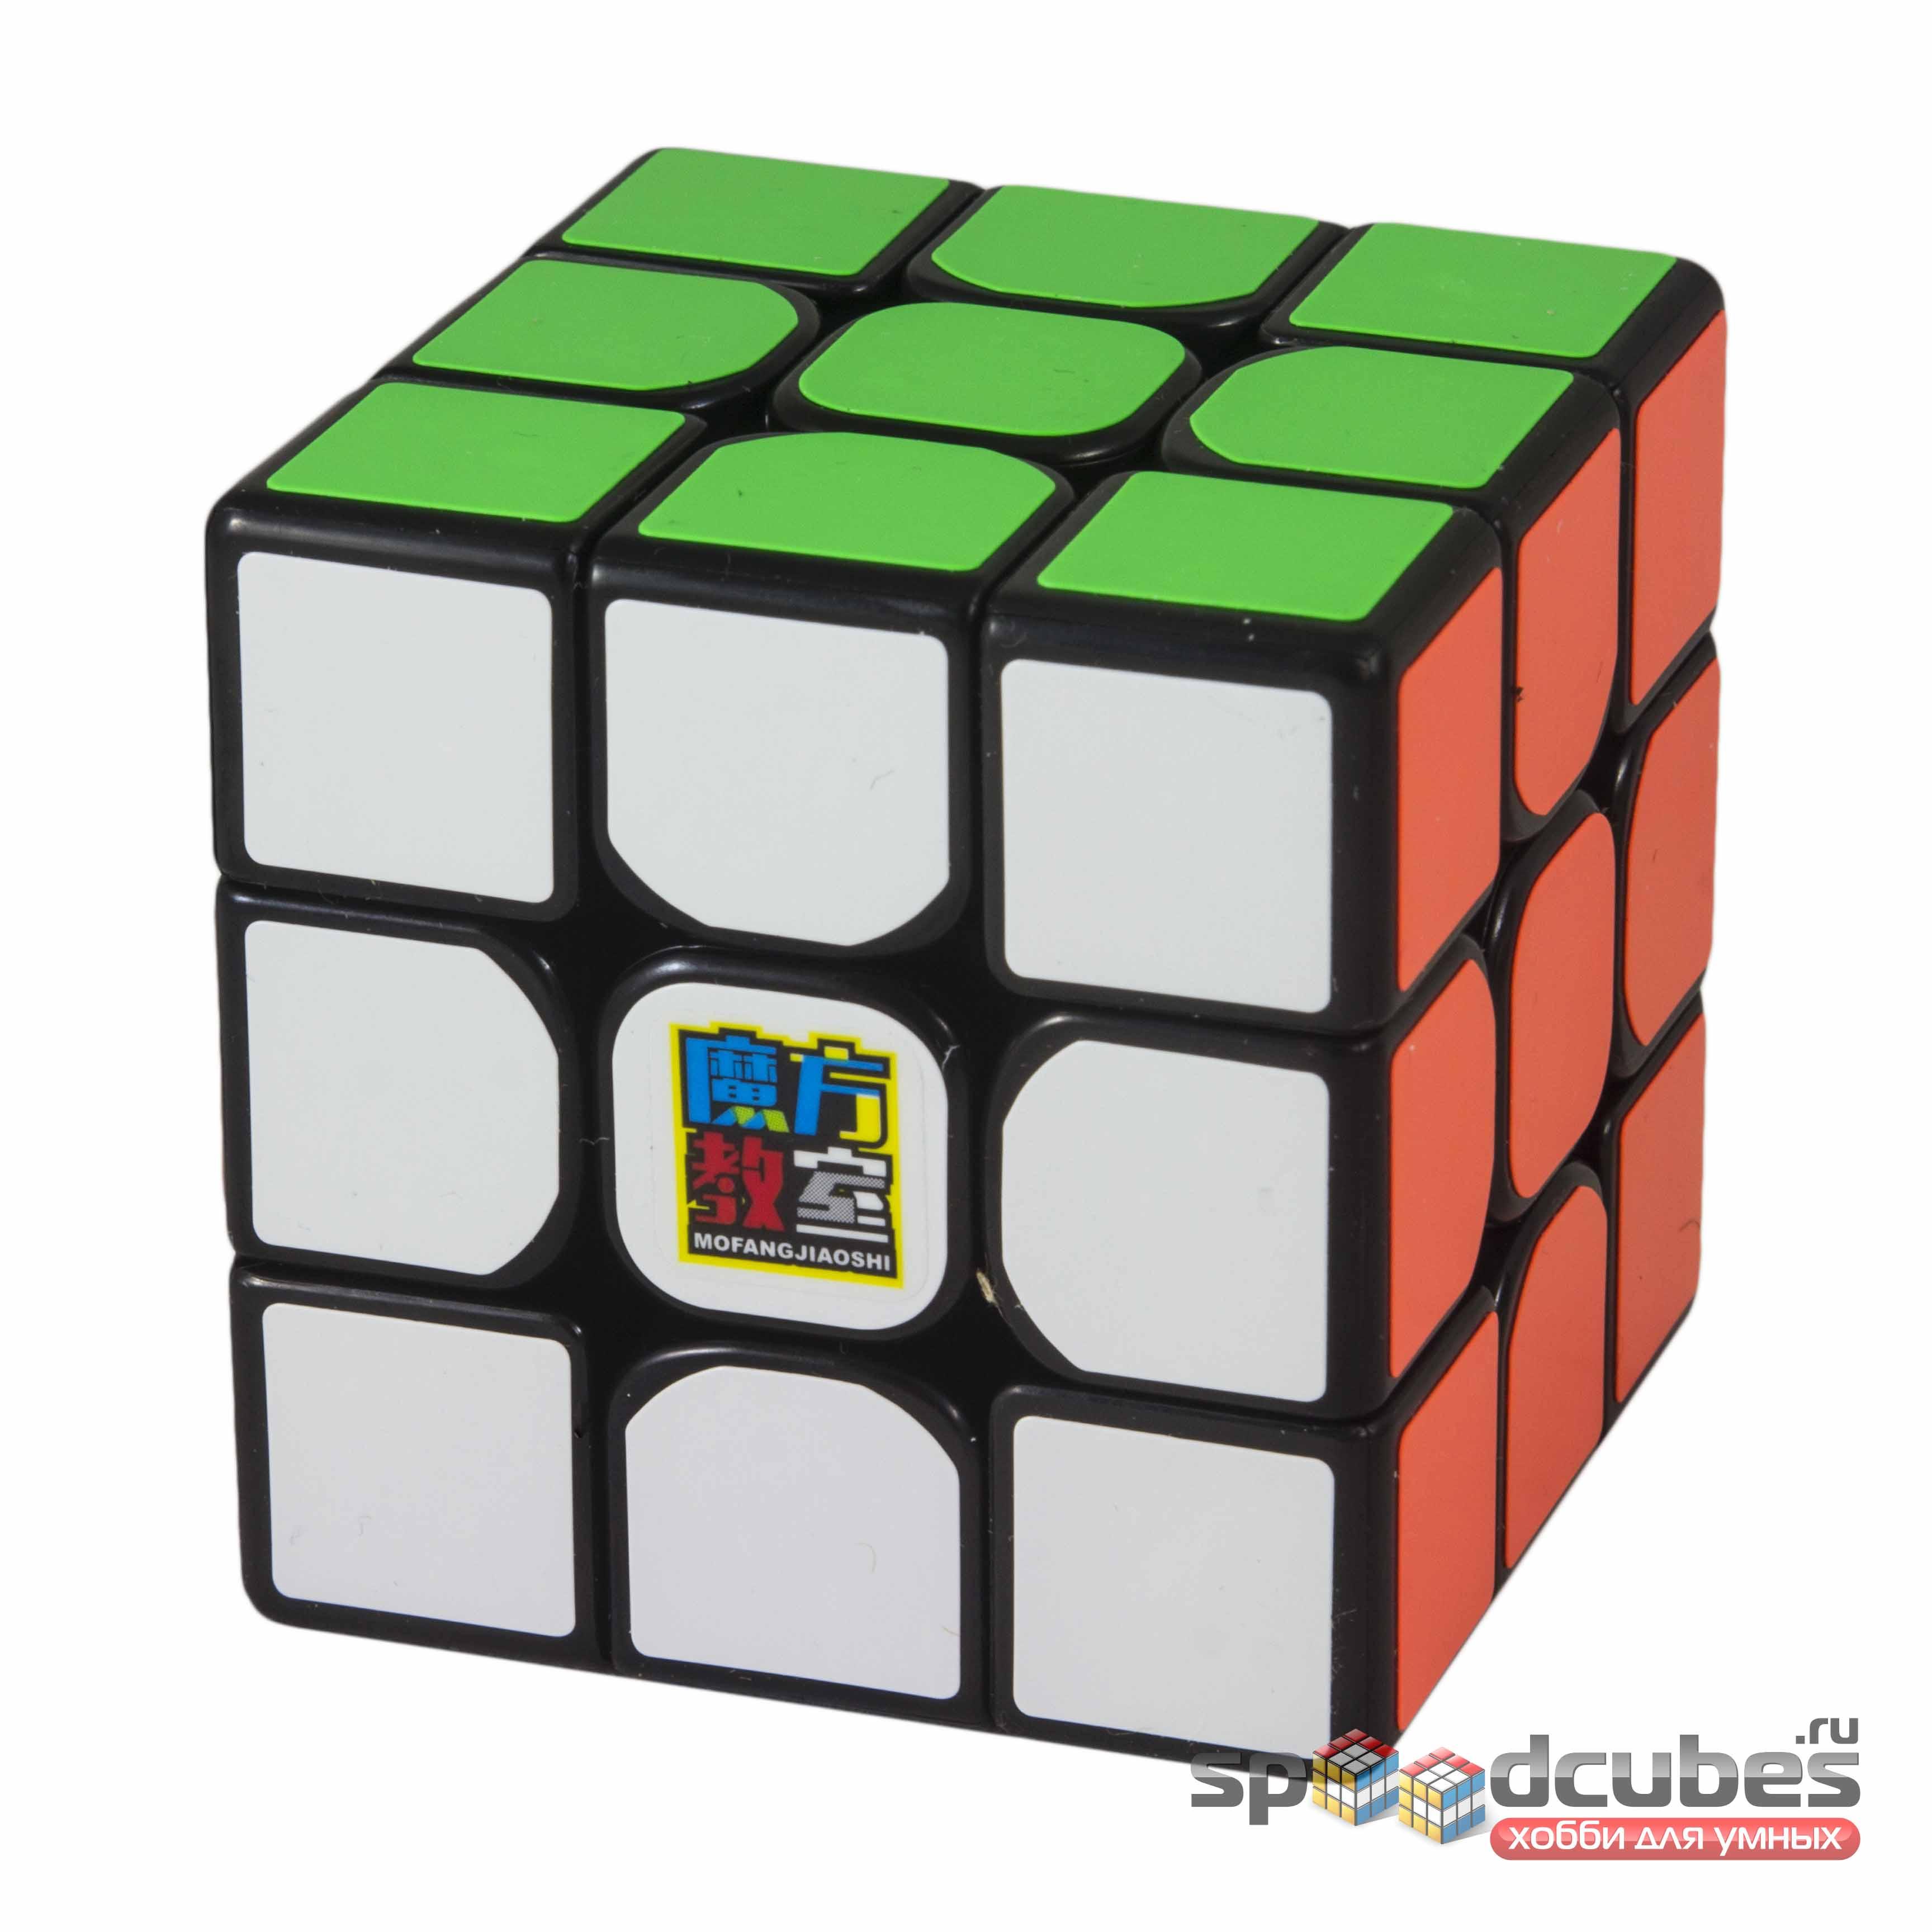 MoYu 3x3x3 Mofangjiaoshi MF3RS2